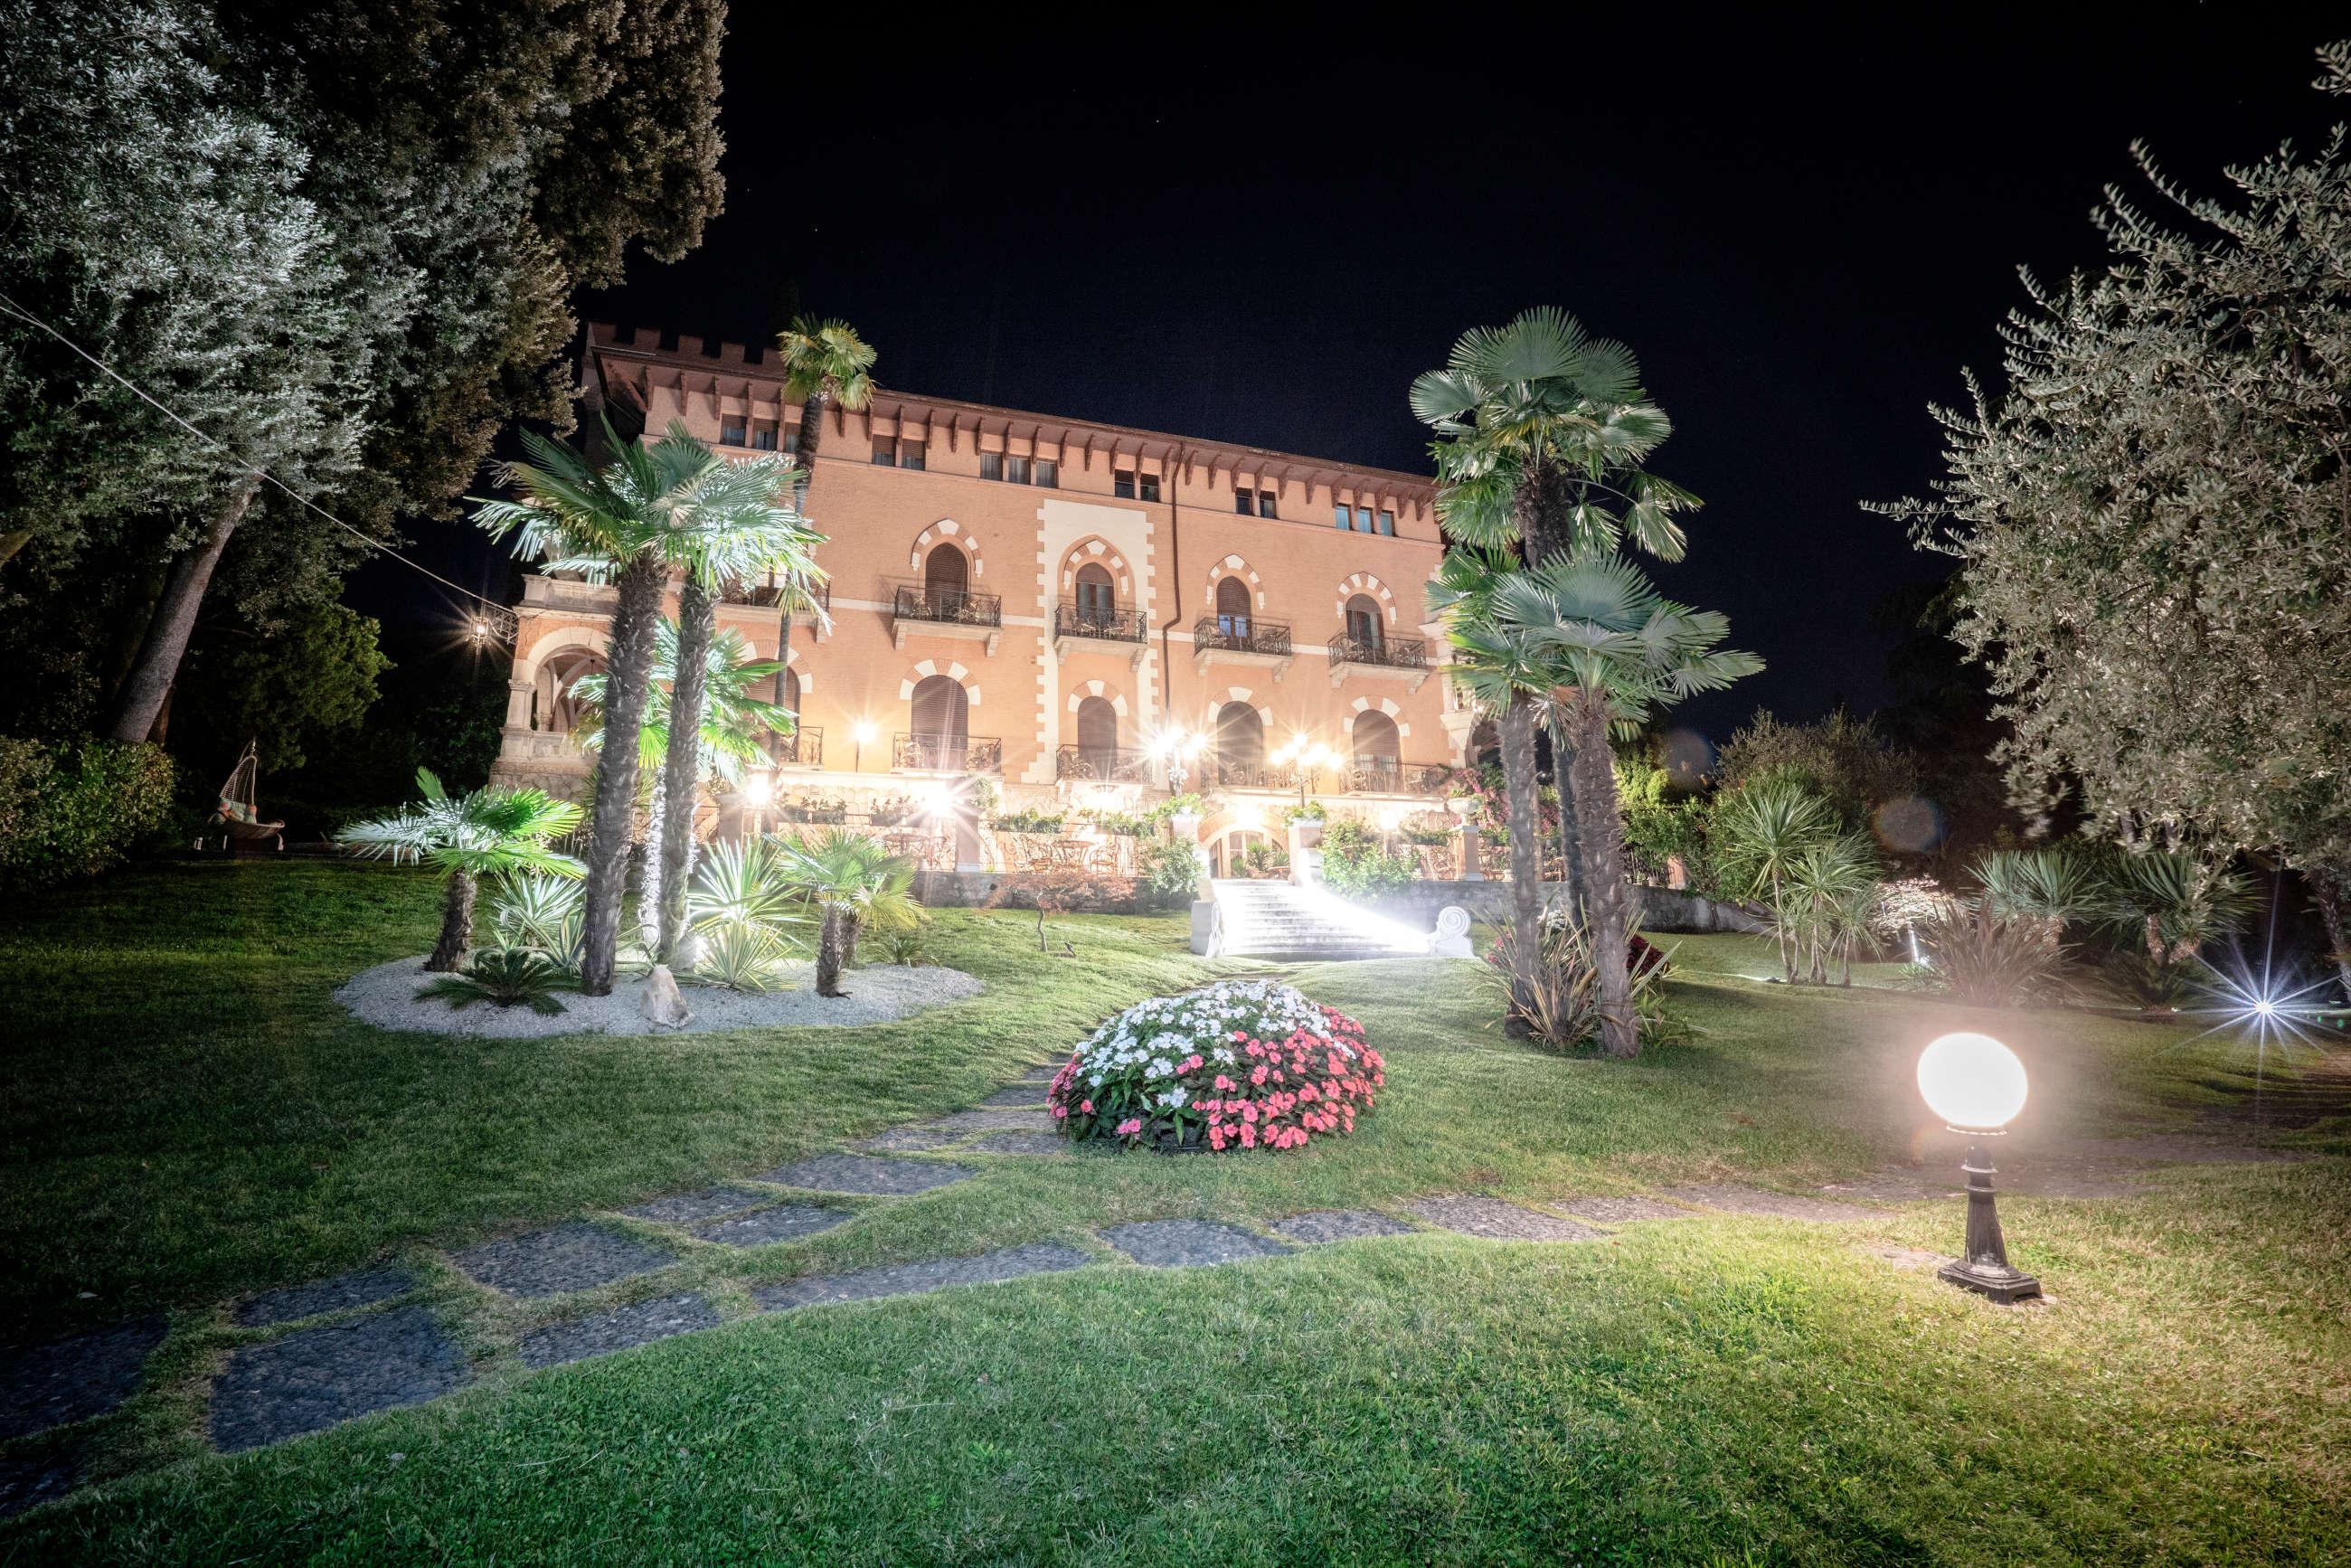 hotel-3-stelle-gardone-riviera-bellevue